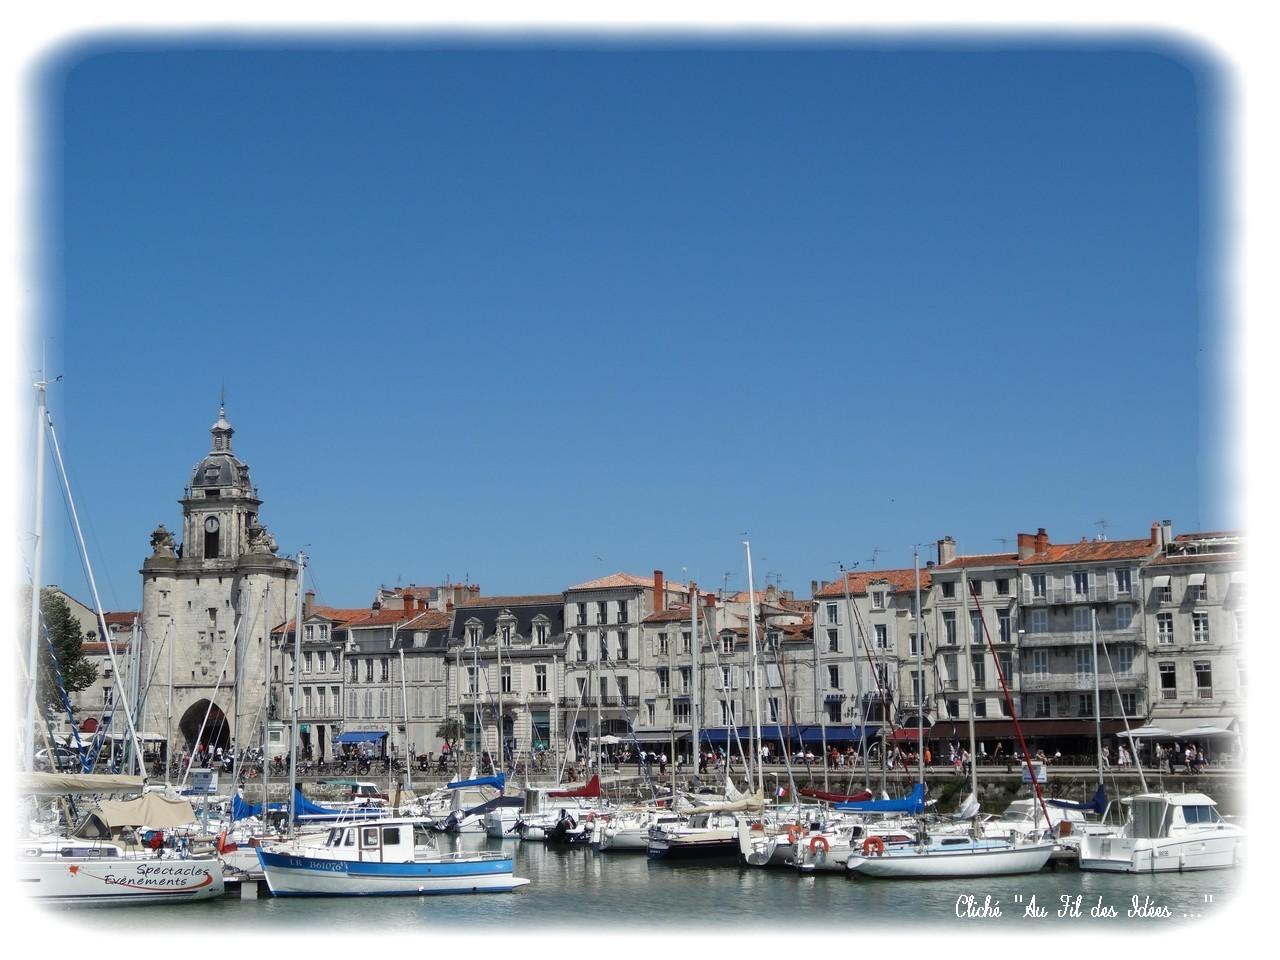 La Rochelle (Charente Maritime) - Cliché by Au Fil des Idées Eté 2013